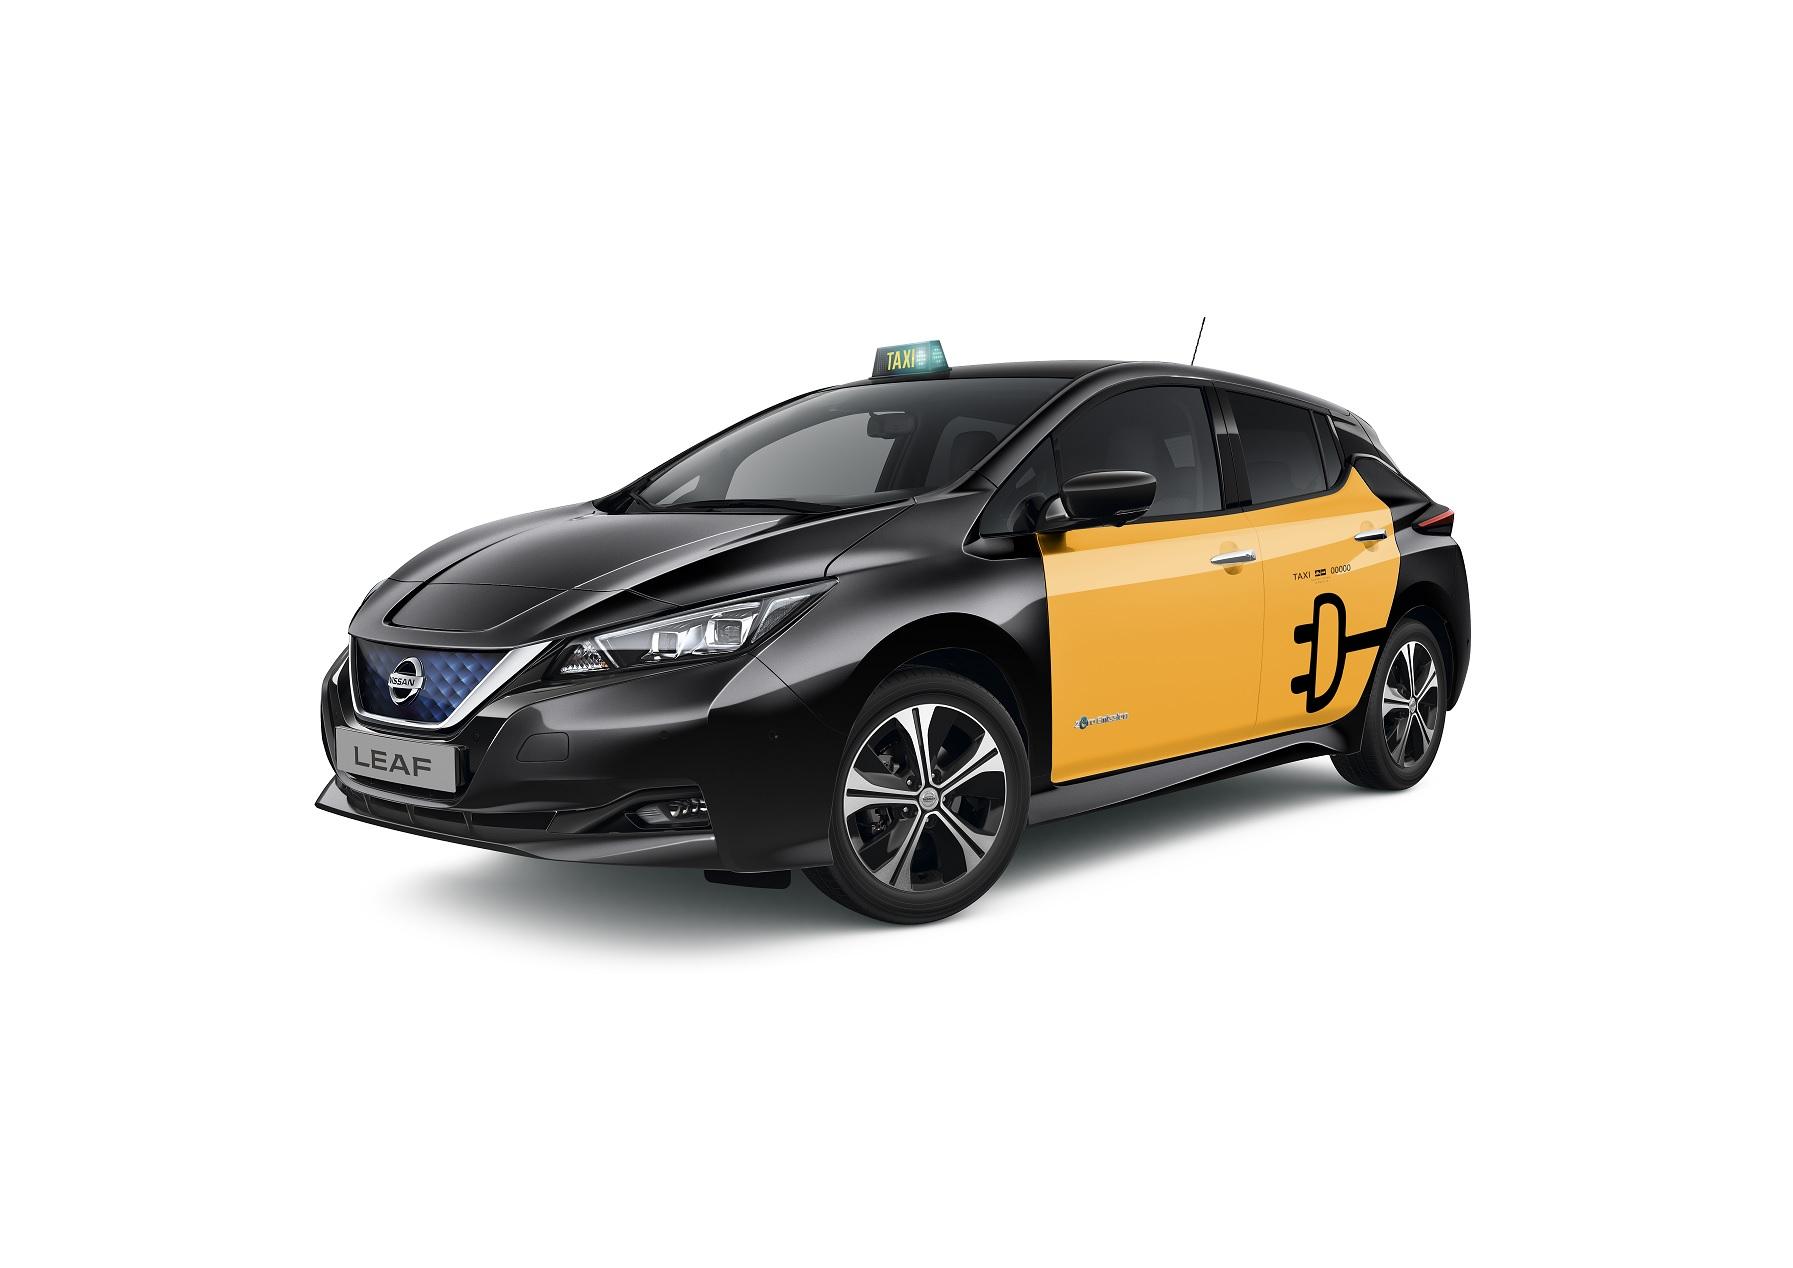 El Taxi de Barcelona (Foto: Nissan)